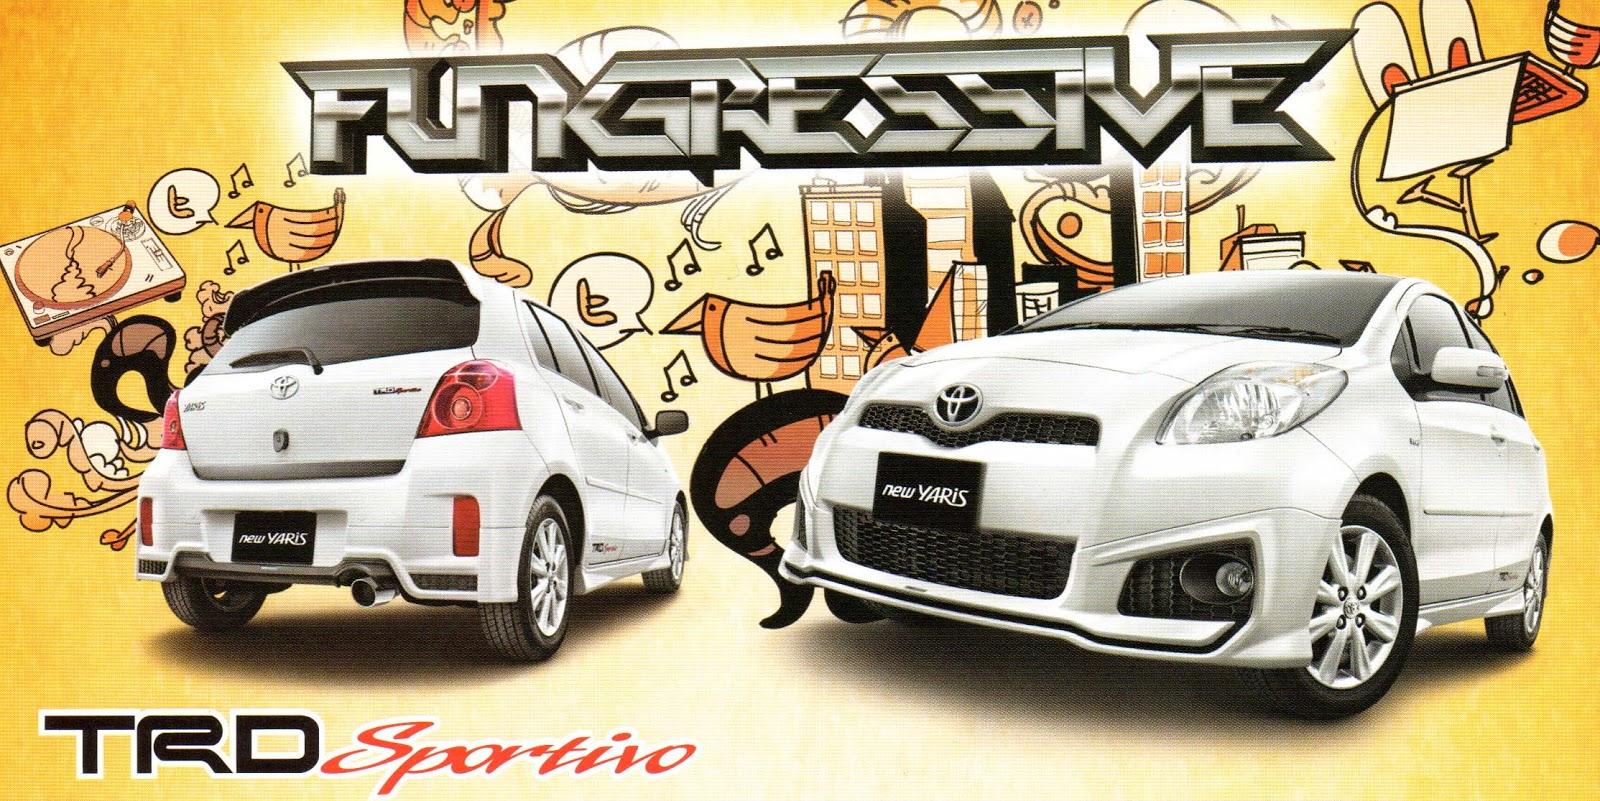 New Yaris Trd Sportivo Harga 2018 Toyota 2012 Agung Automall Tanjungpinang